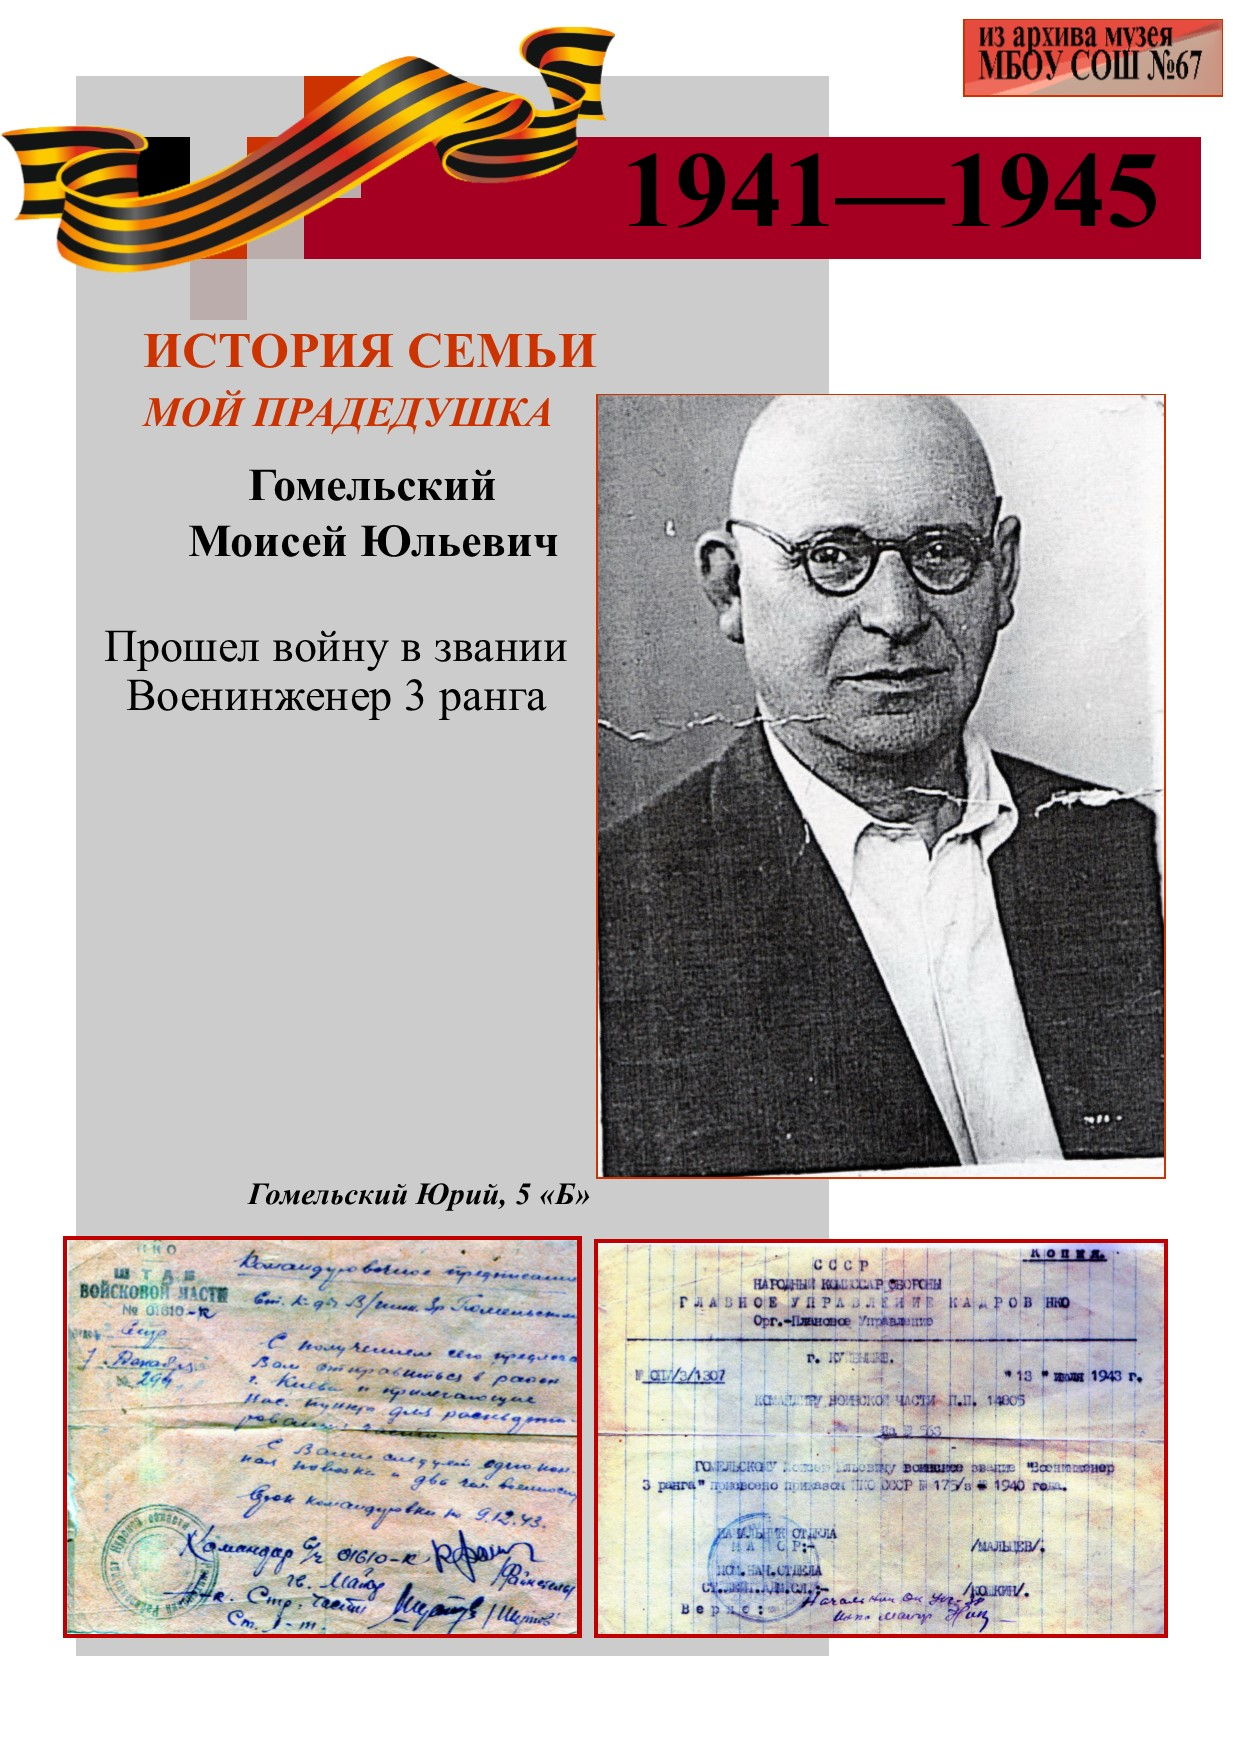 Гомельский М.Ю.